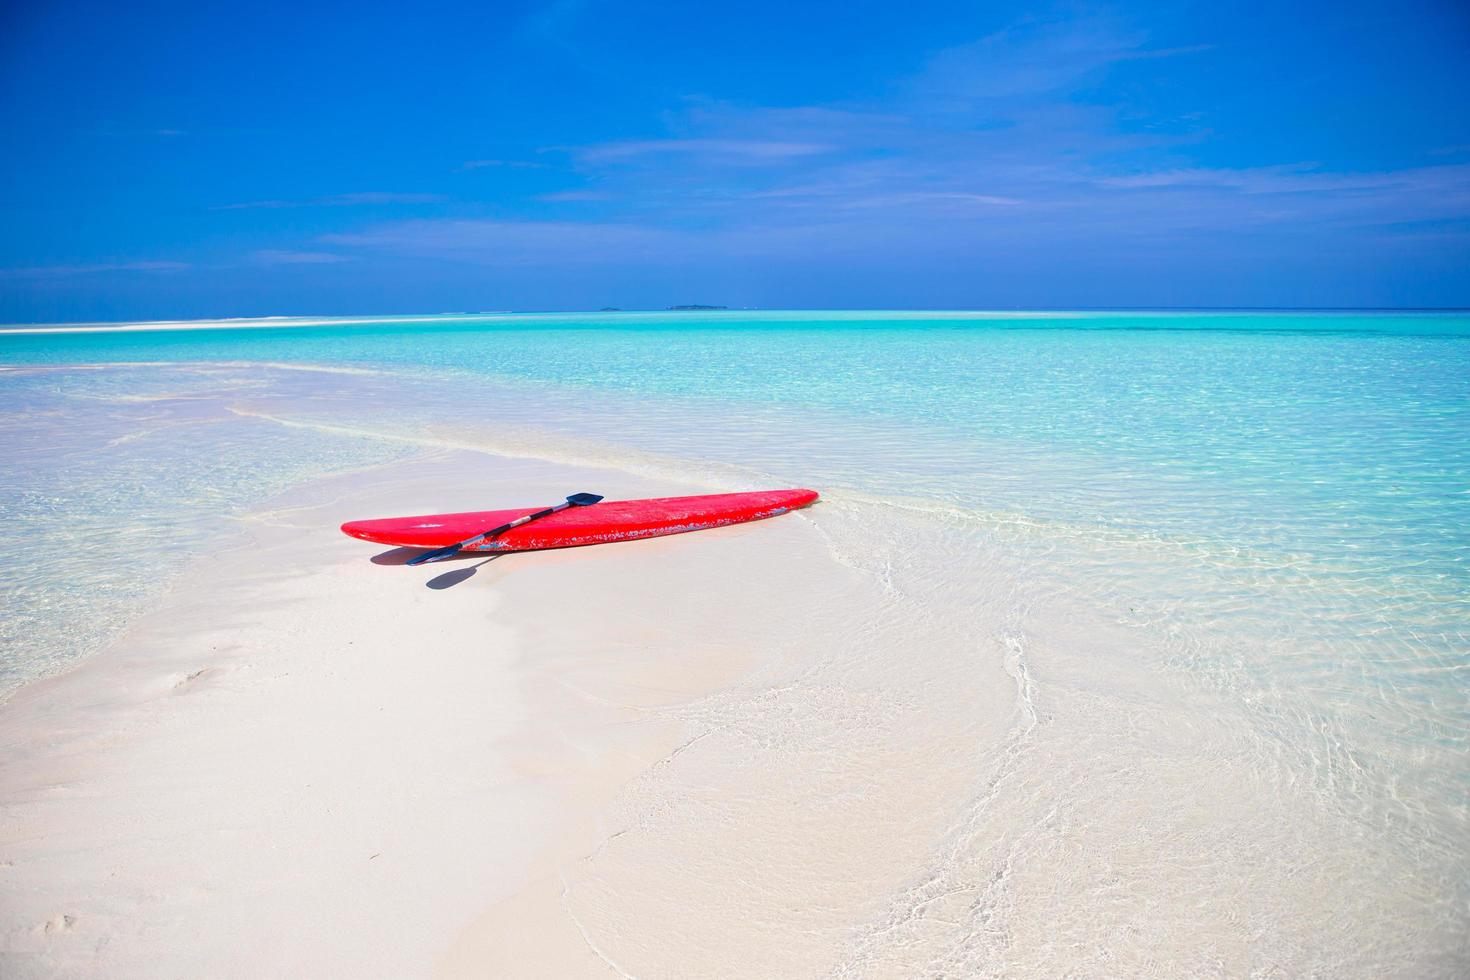 tabla de surf en una playa tropical foto